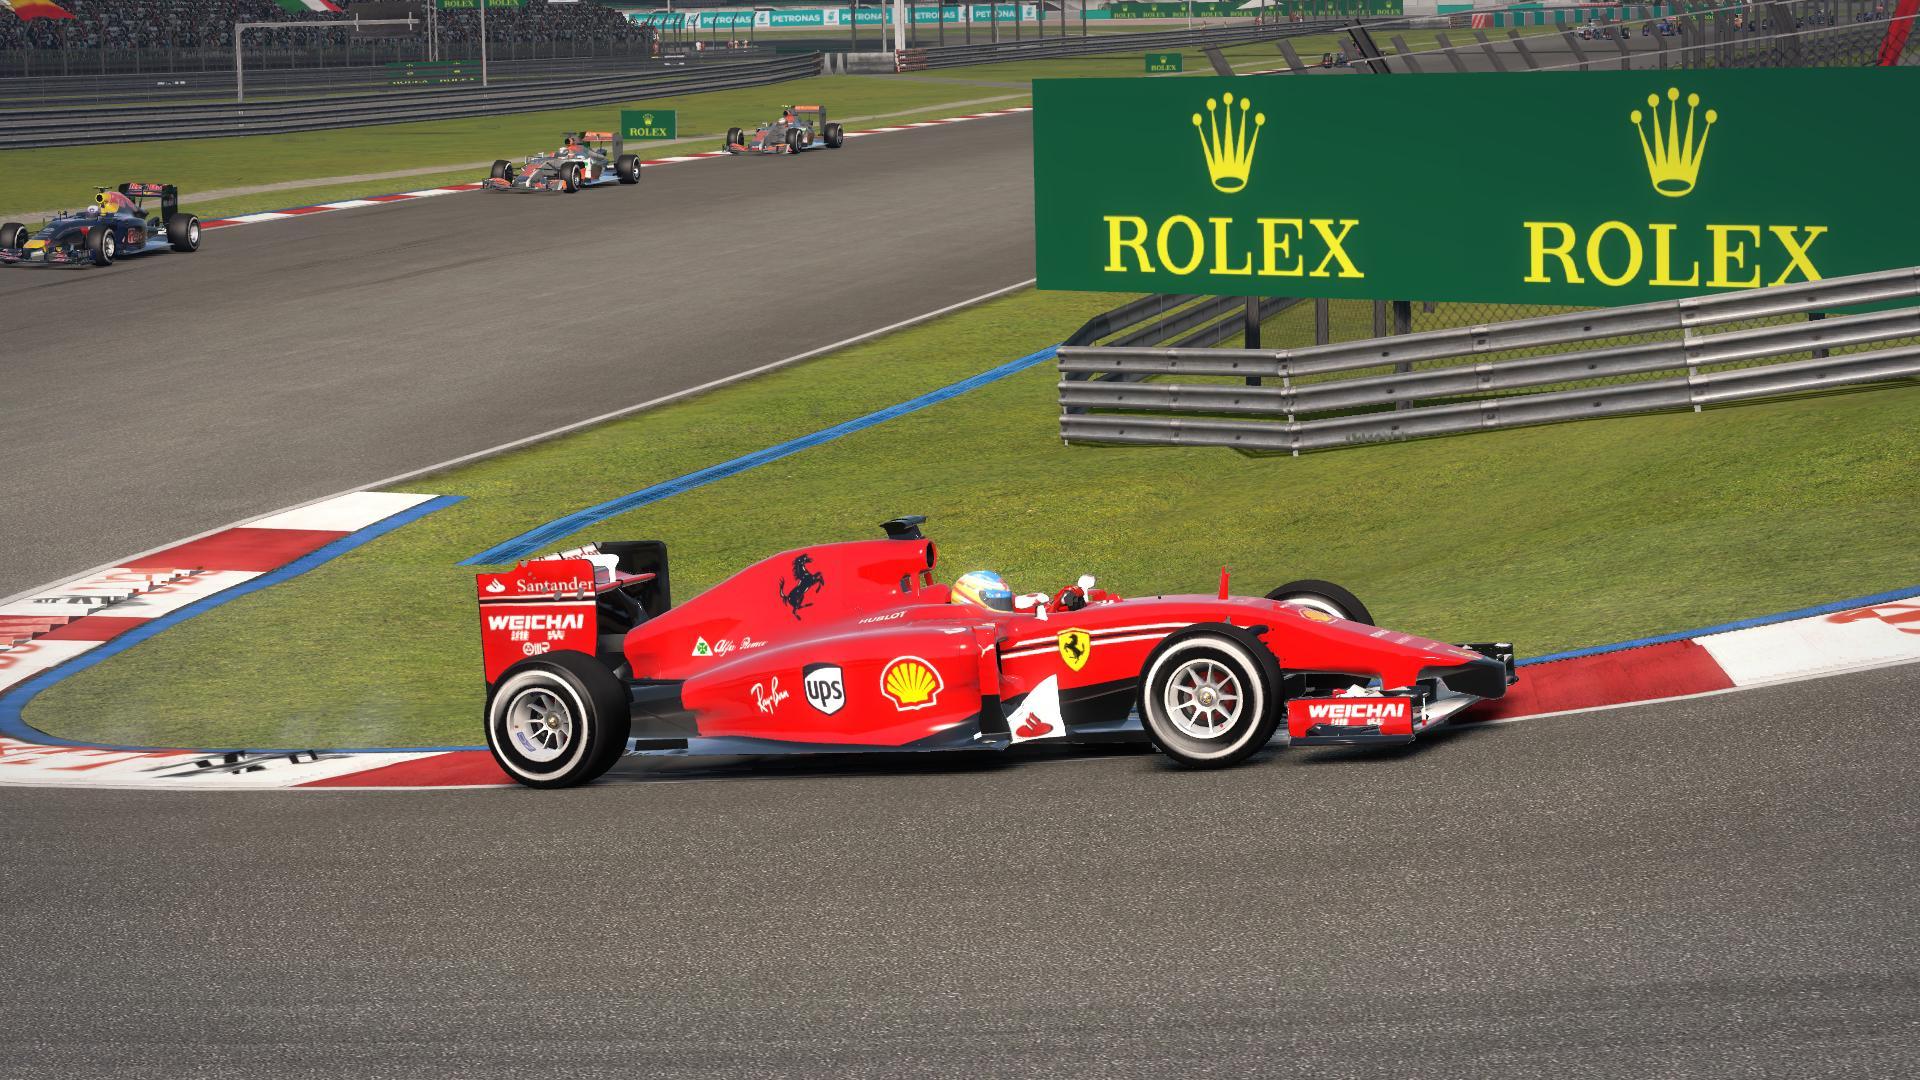 F1_2014 2017-03-13 19-08-17-46.jpg